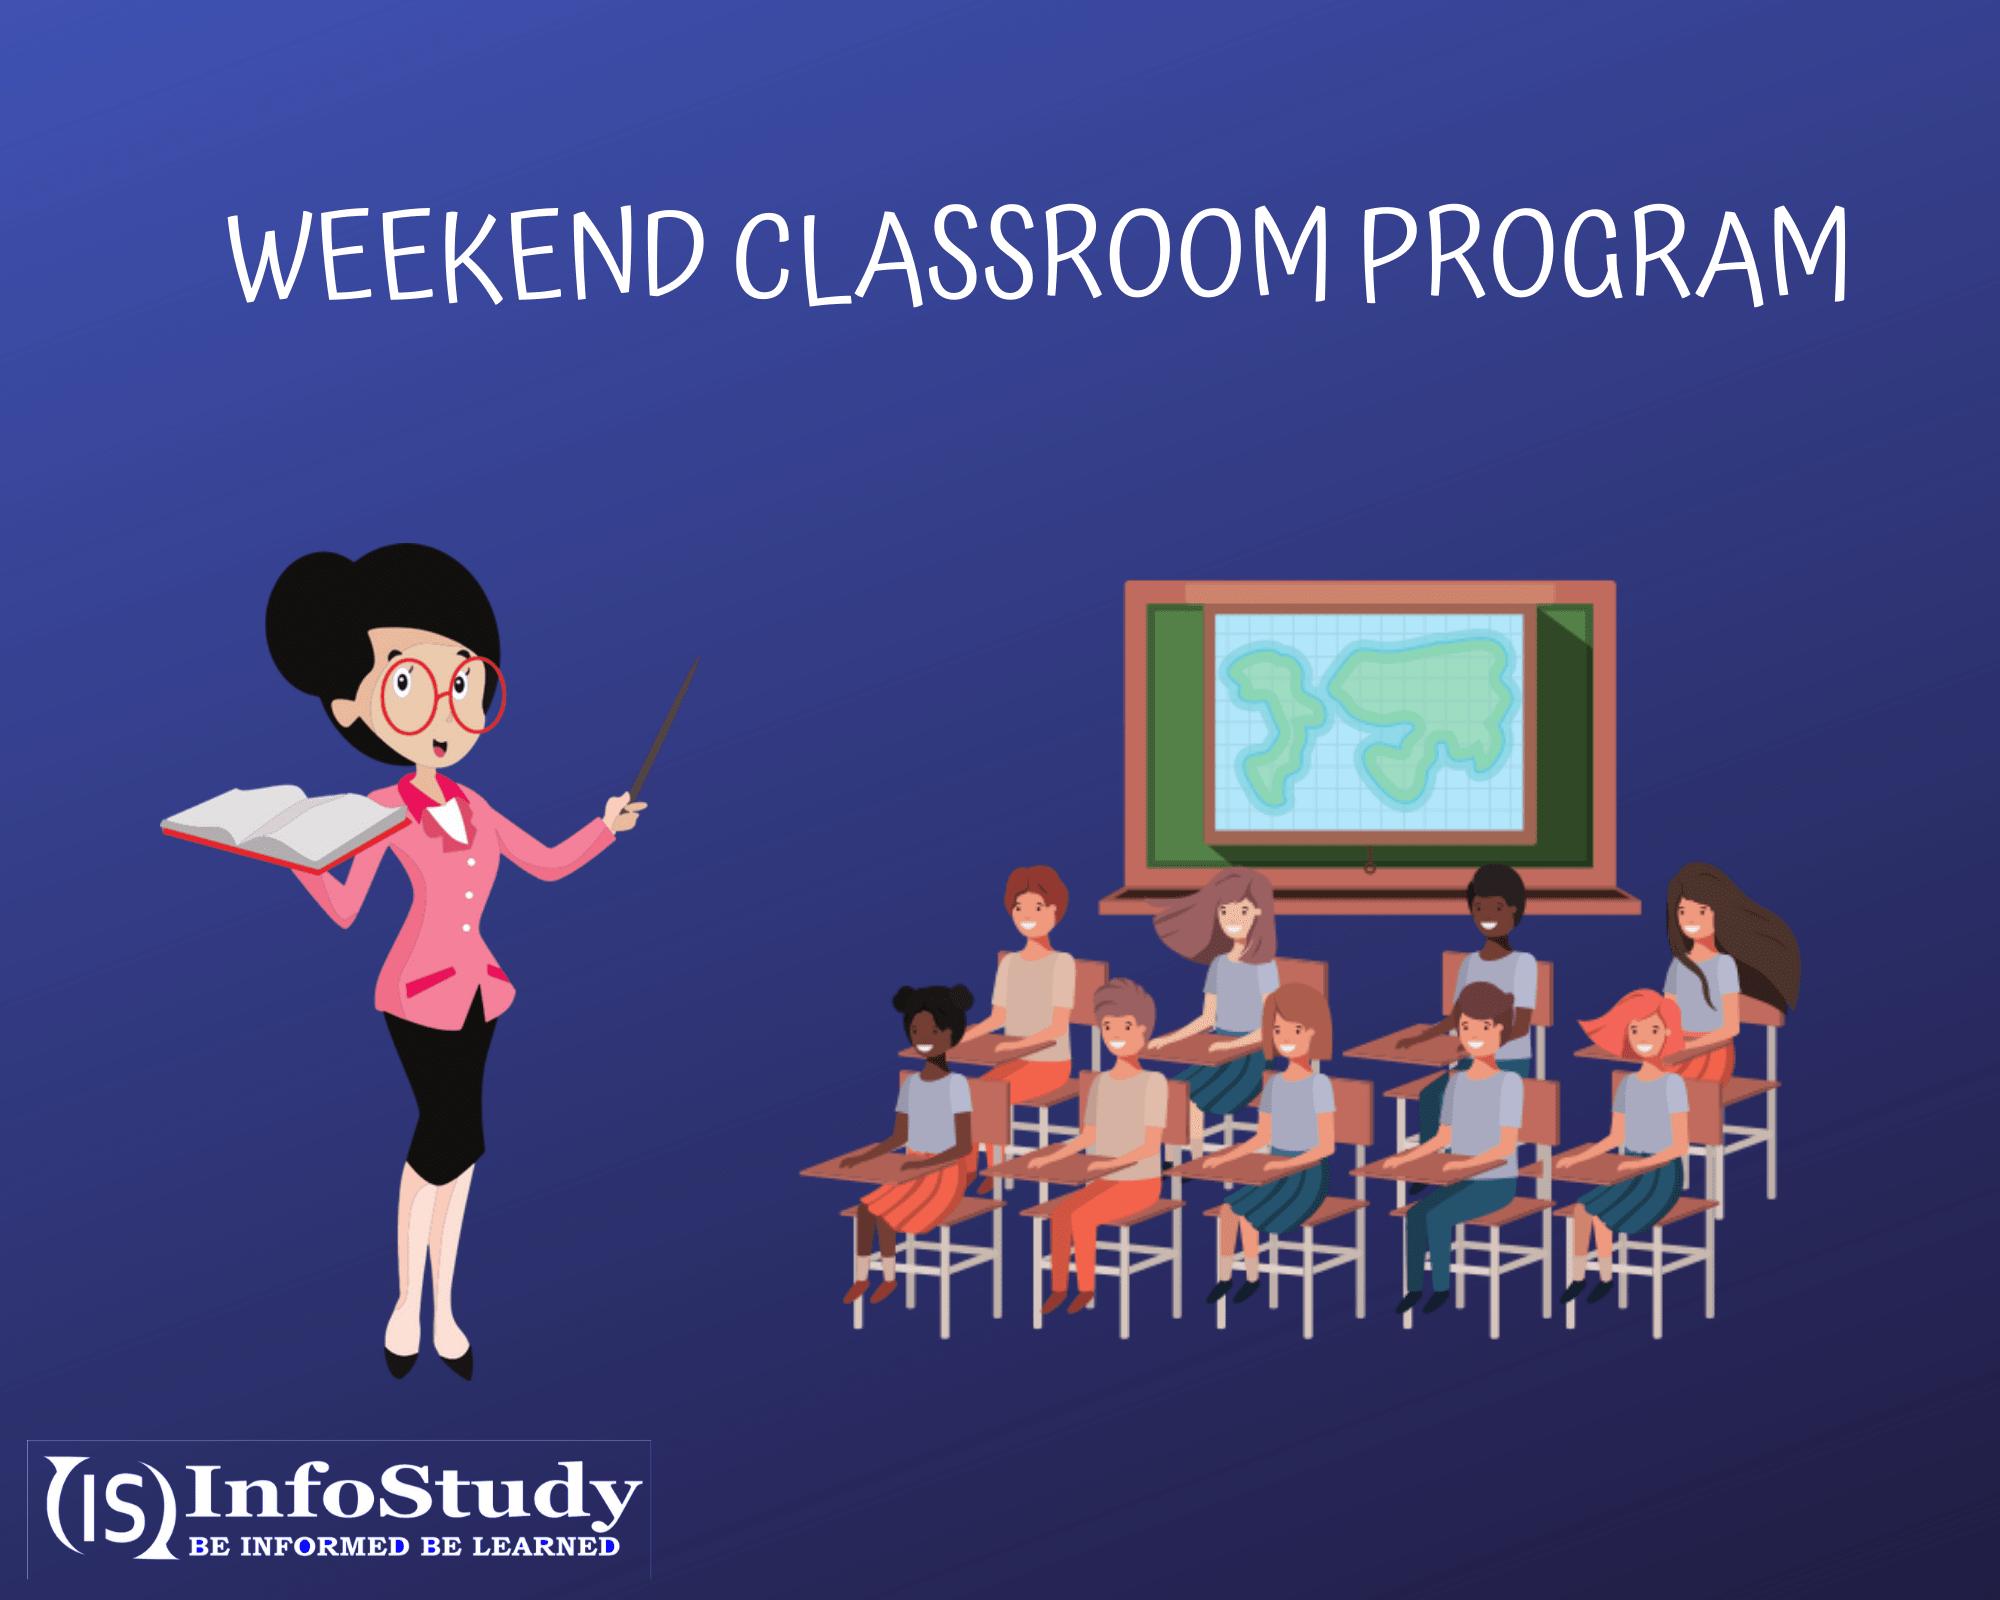 Weekend Classroom Program for csir ugc net